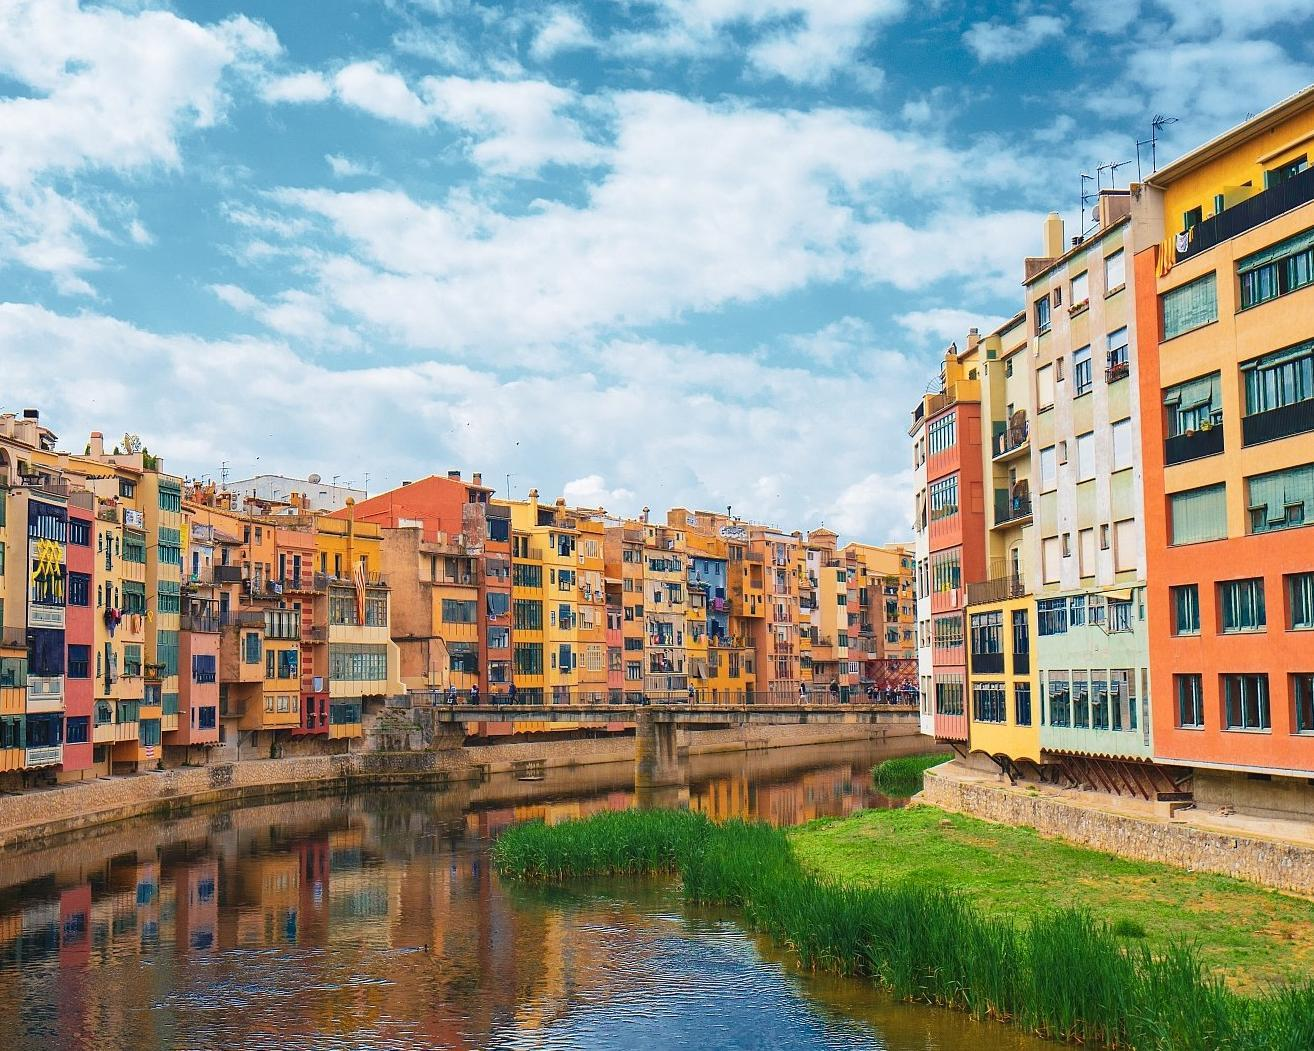 Oferta Hotel de 4 estrellas incl. desayuno en Girona